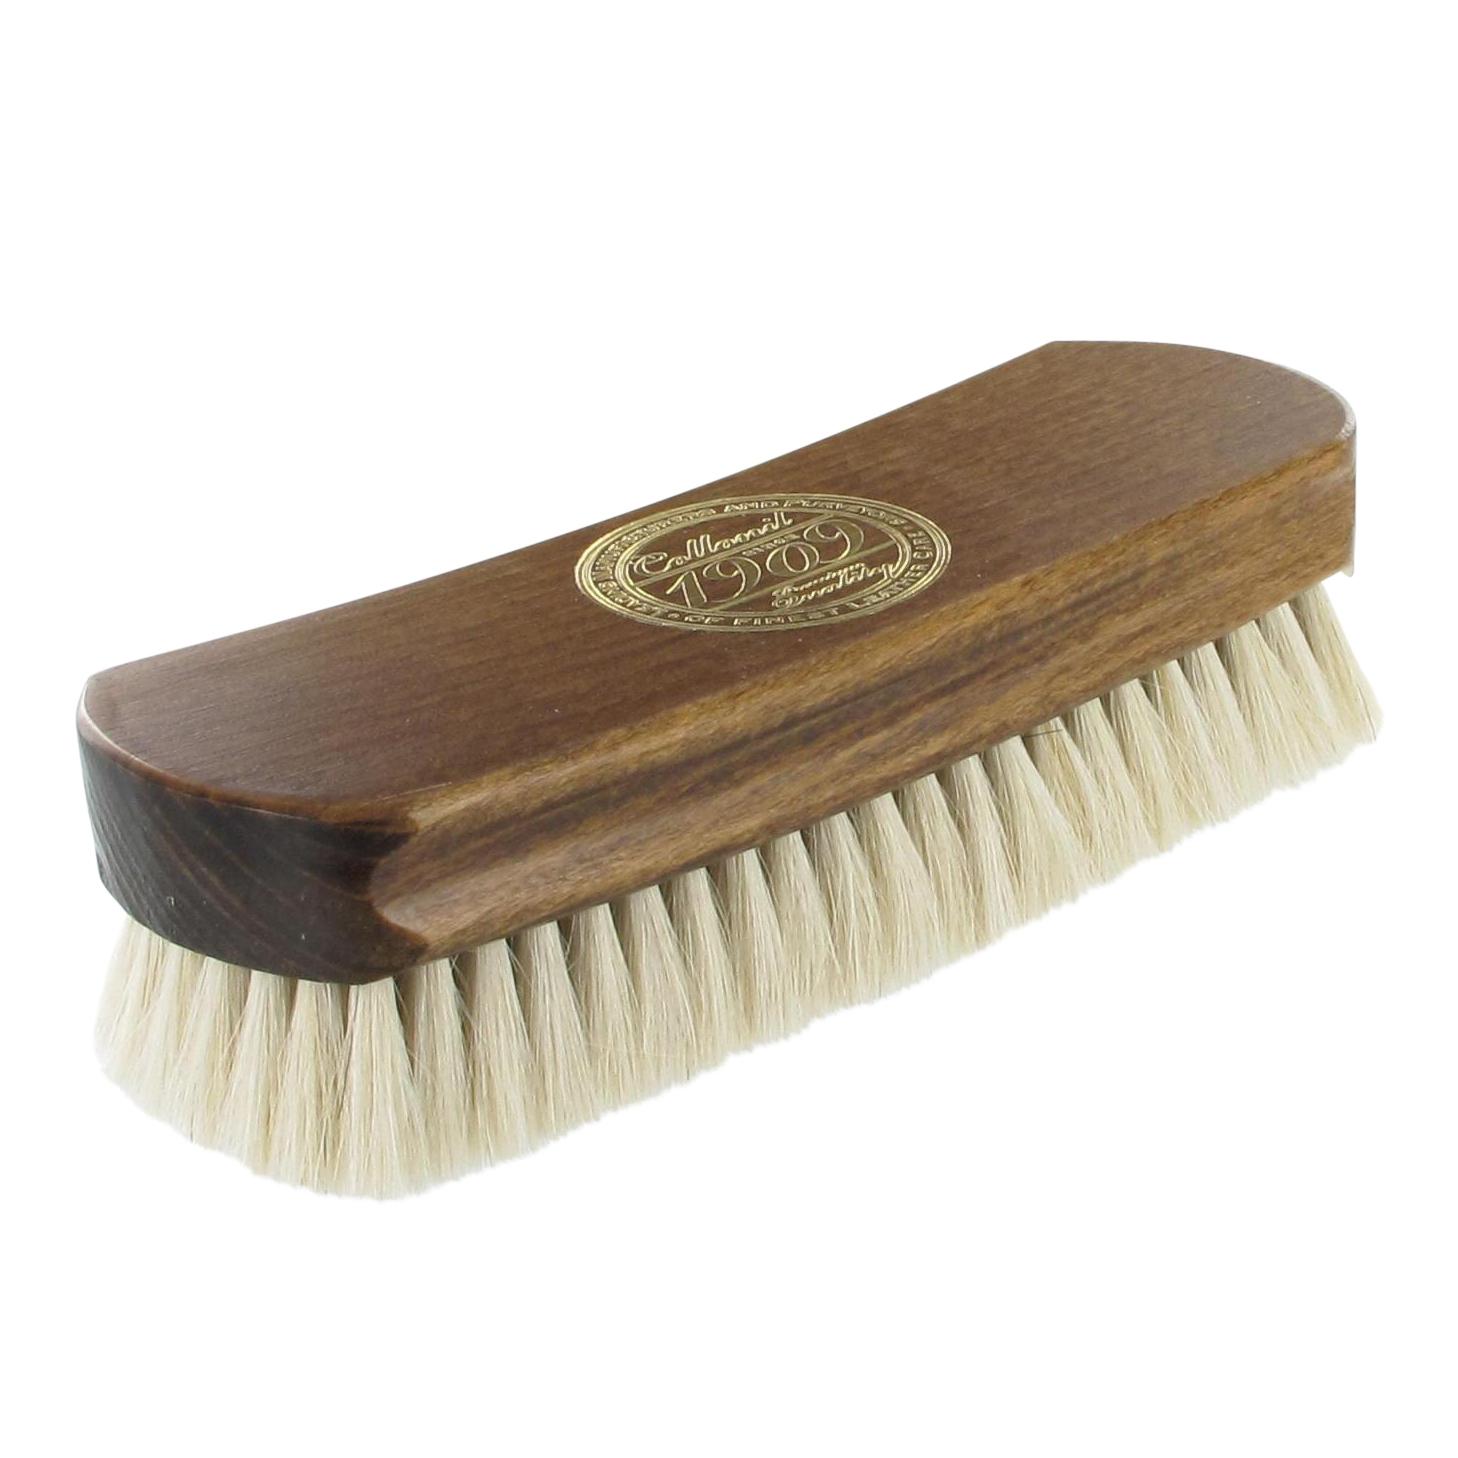 Soft goat hair brush